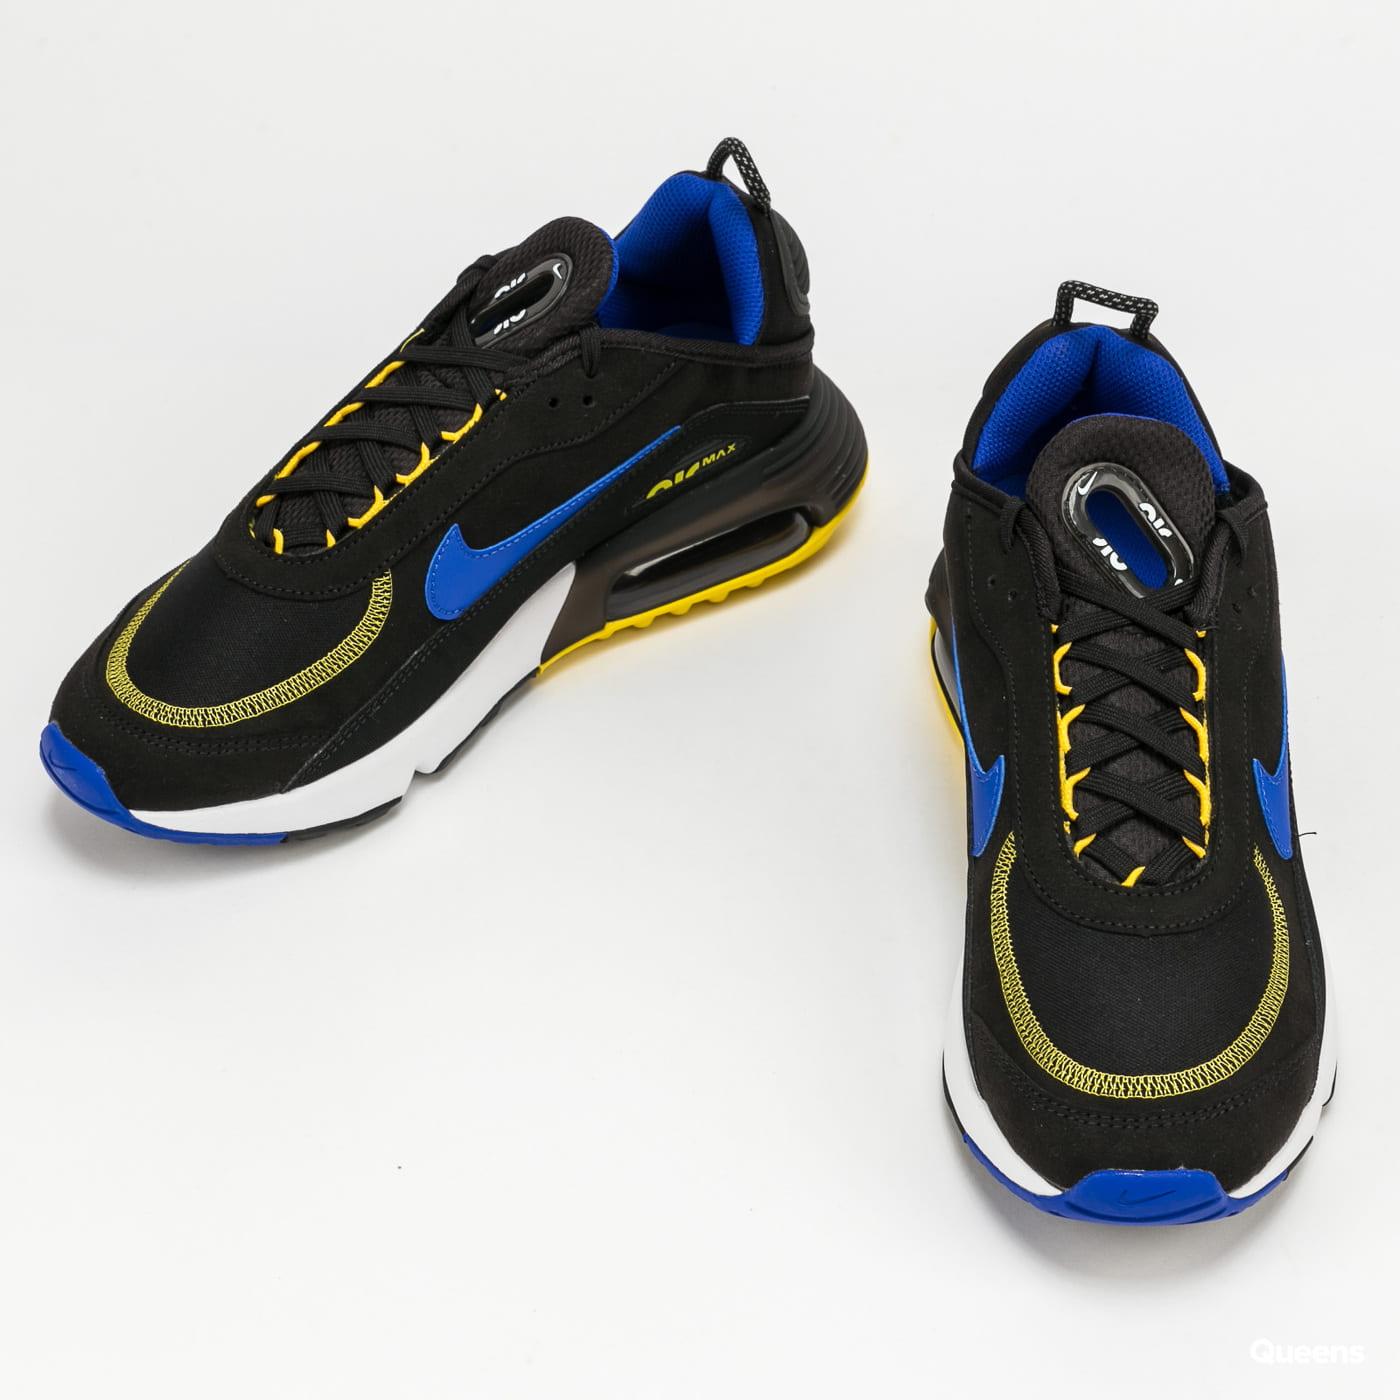 Nike Air Max 2090 C/S black / hyper blue - tour yellow